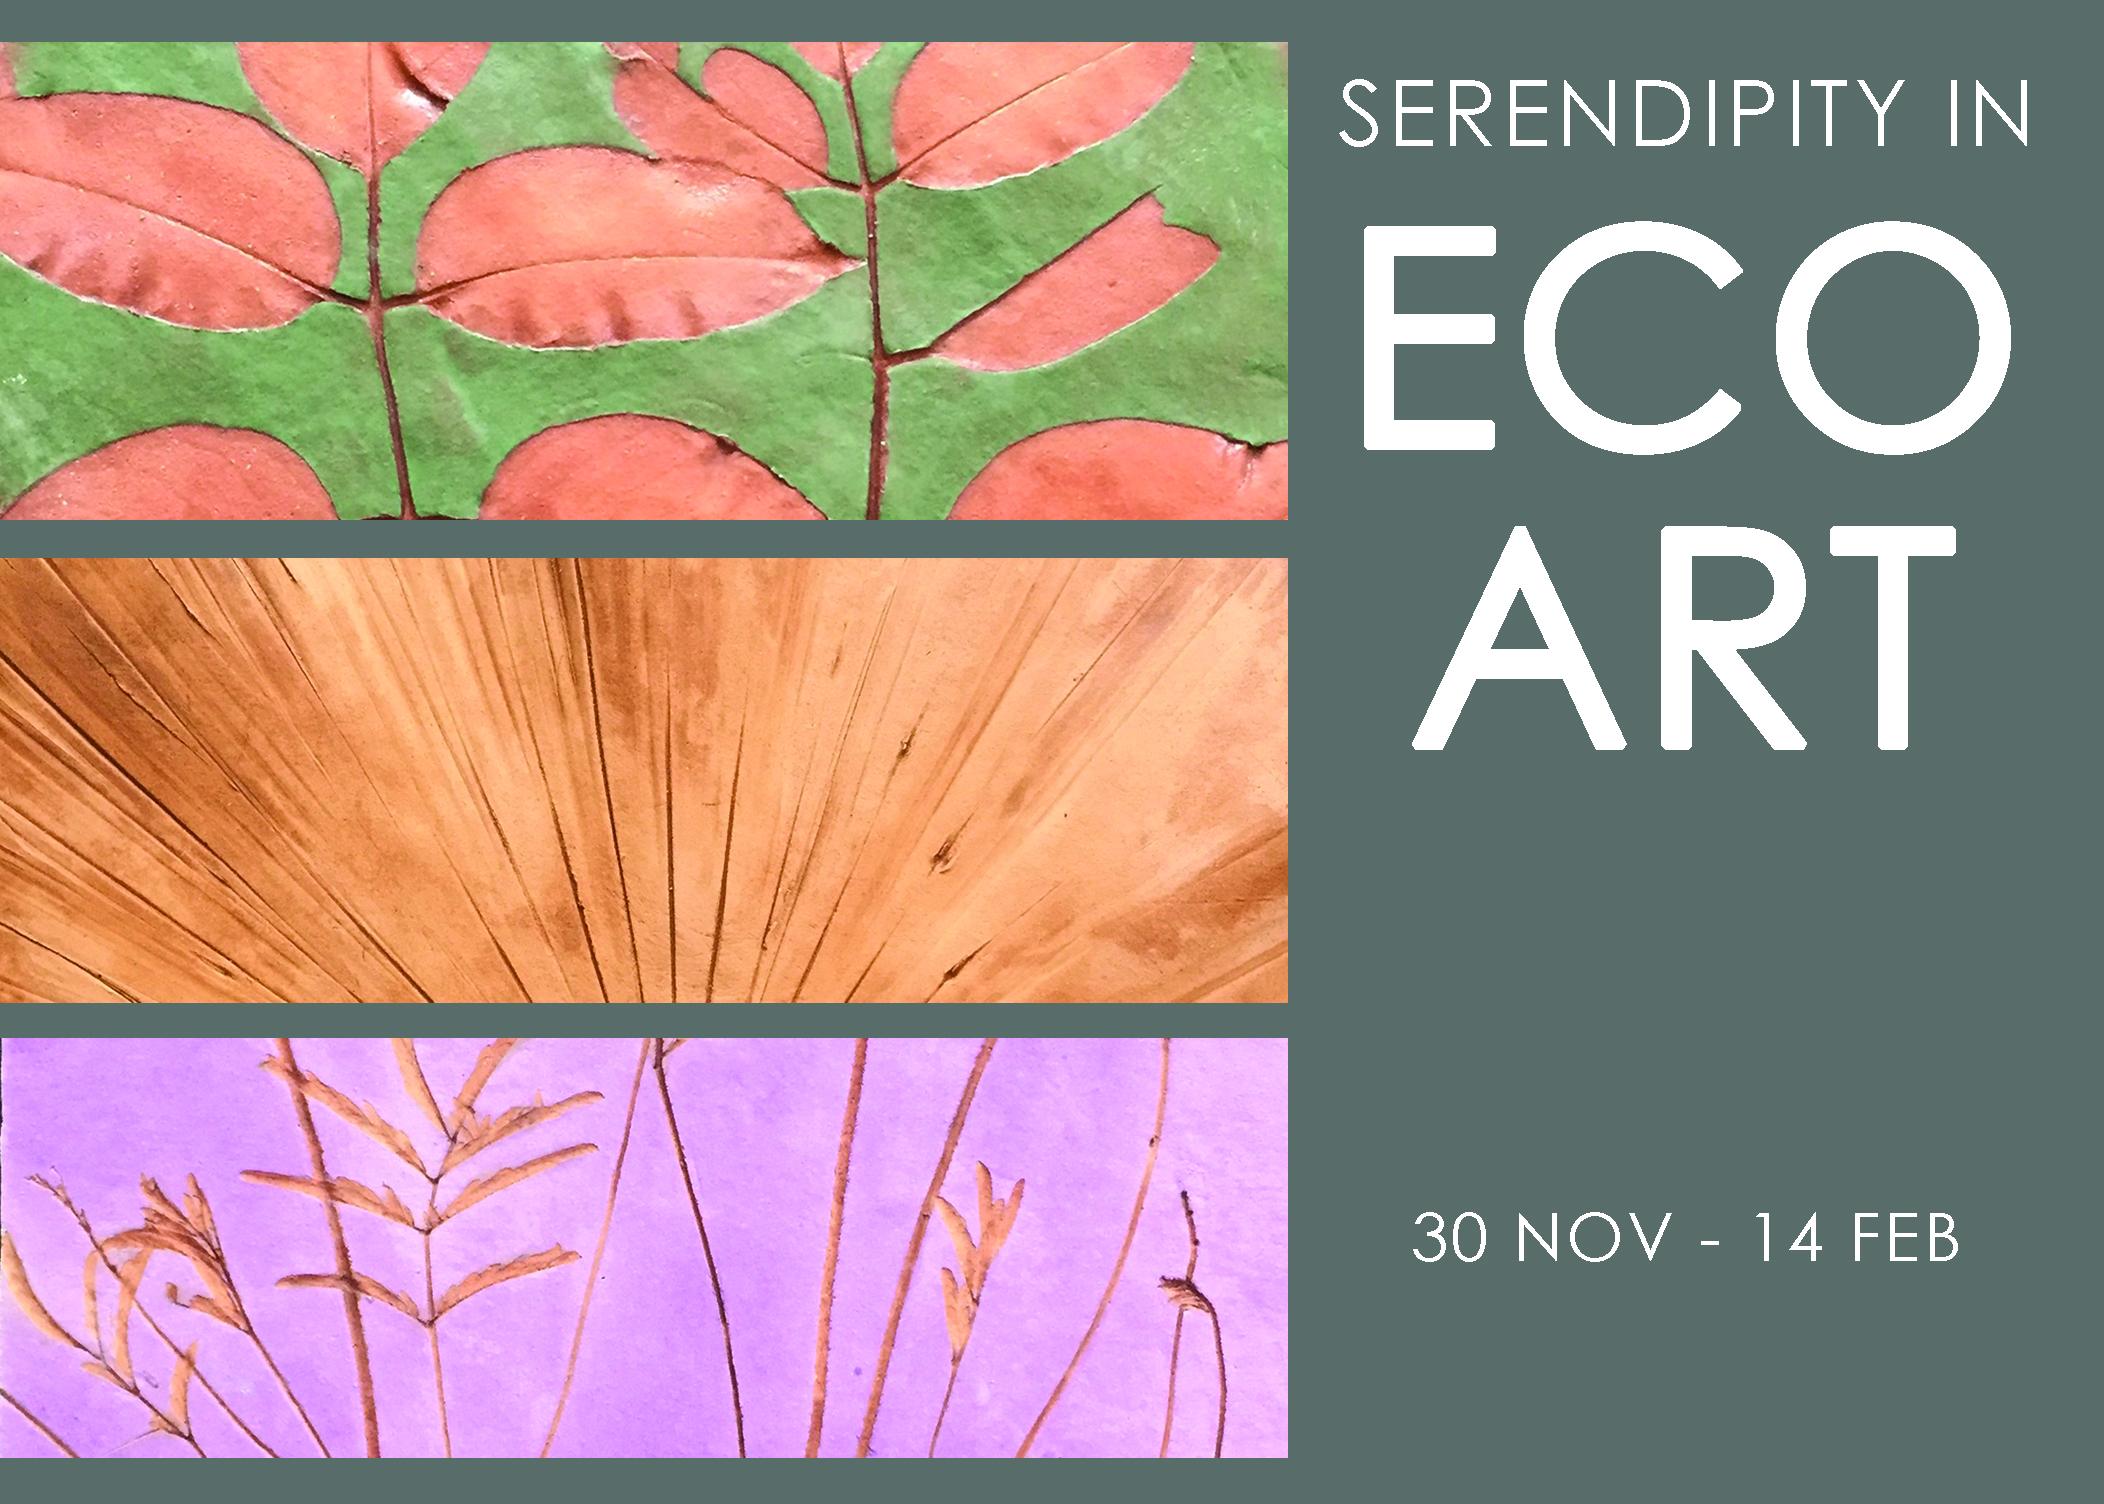 Serendipity in EcoArt